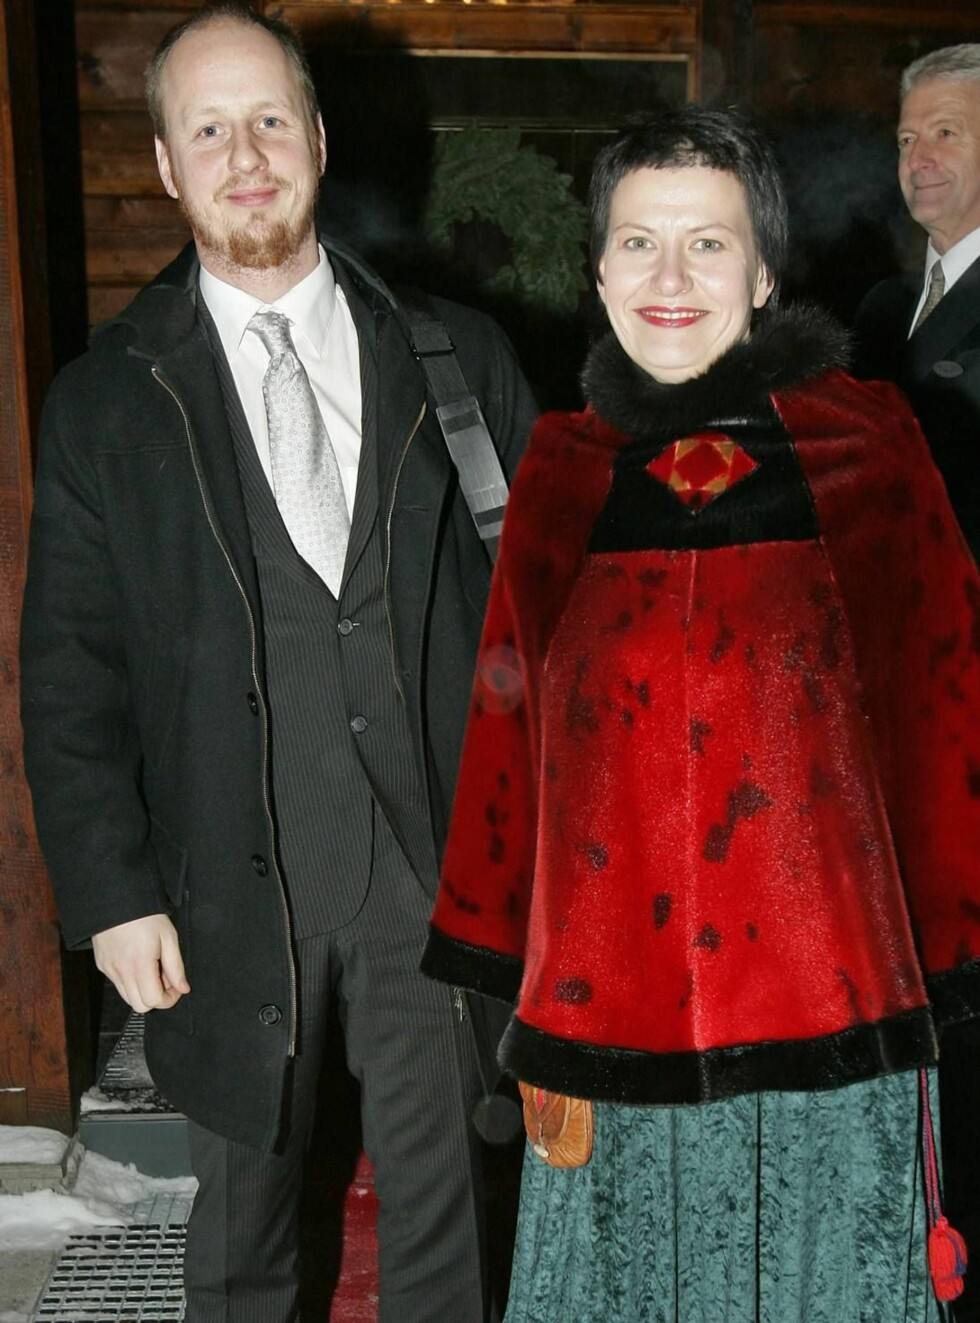 BLIR EKTEPAR: Helga Pedersen og Erik Brenli skal etter planen gifte seg neste sommer. Foto: Espen Solli, Se og Hør